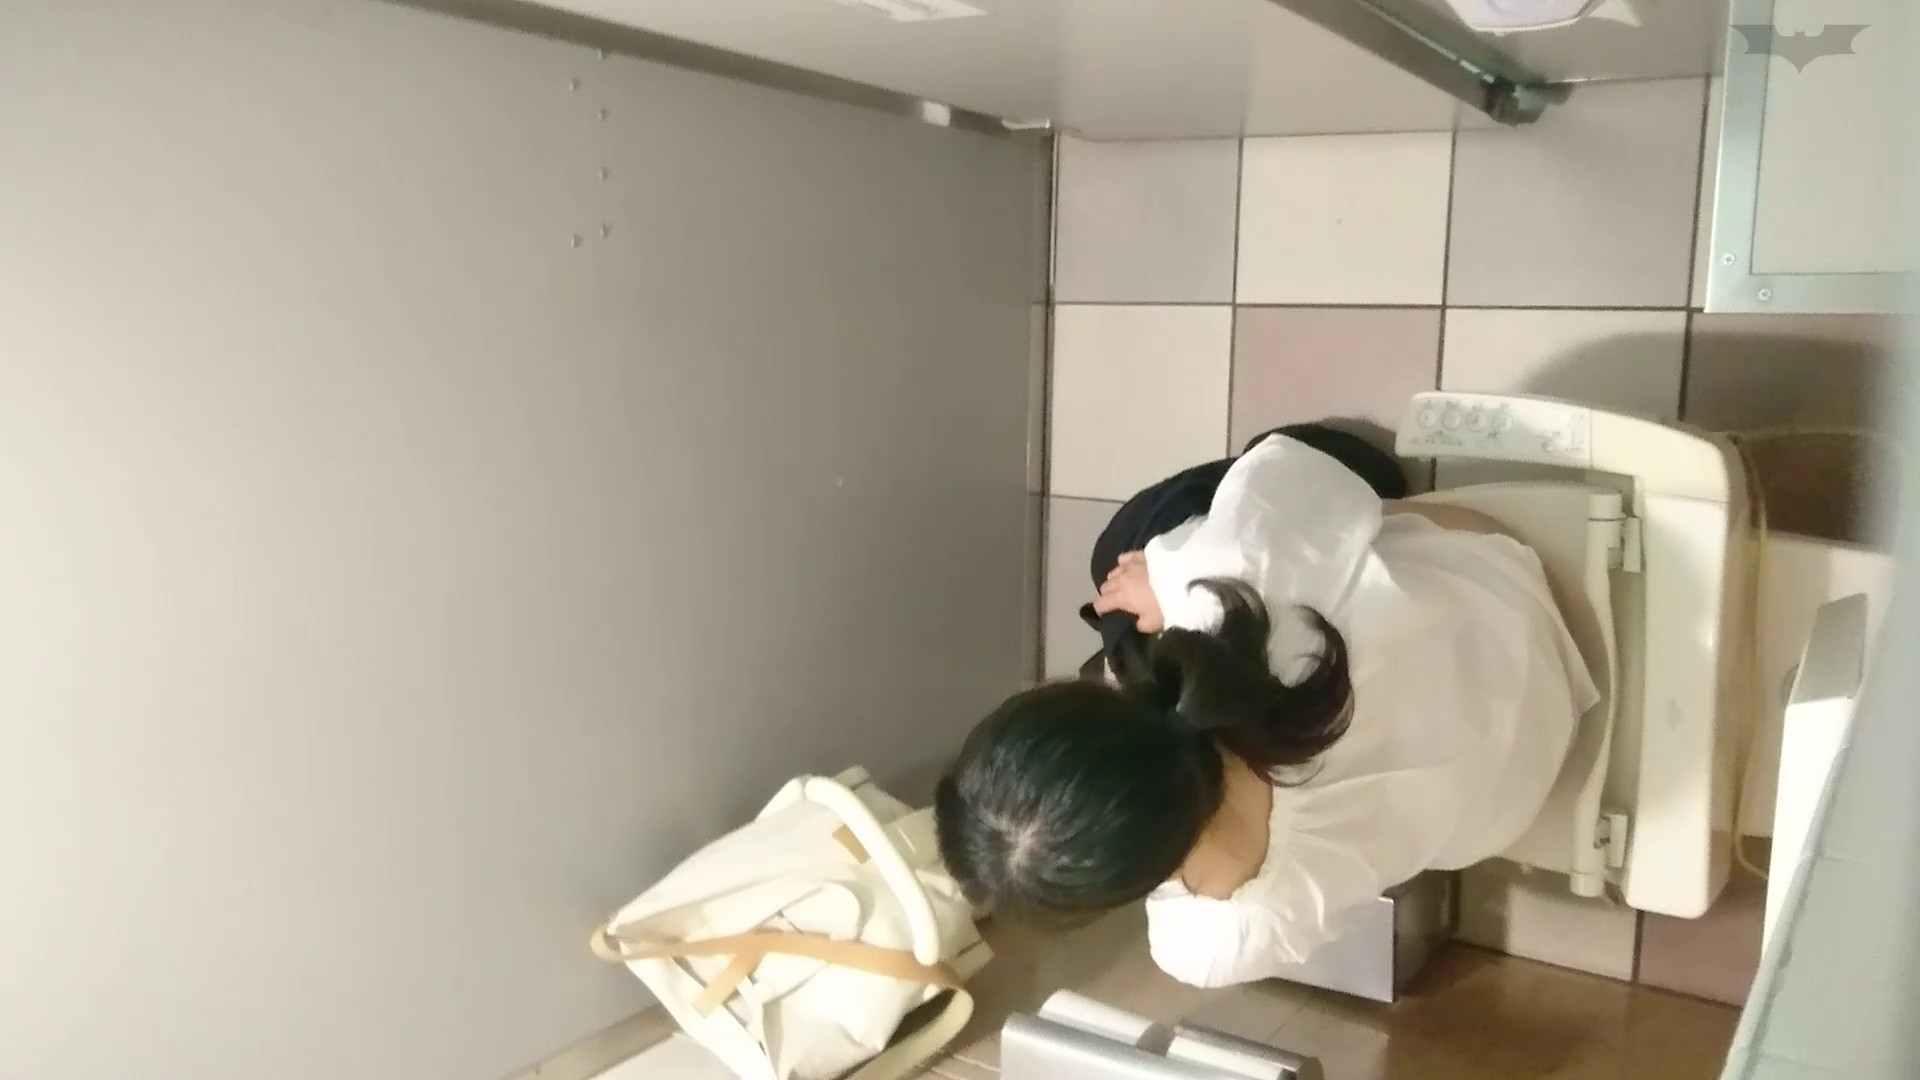 化粧室絵巻 ショッピングモール編 VOL.22 いやらしいOL  46連発 2